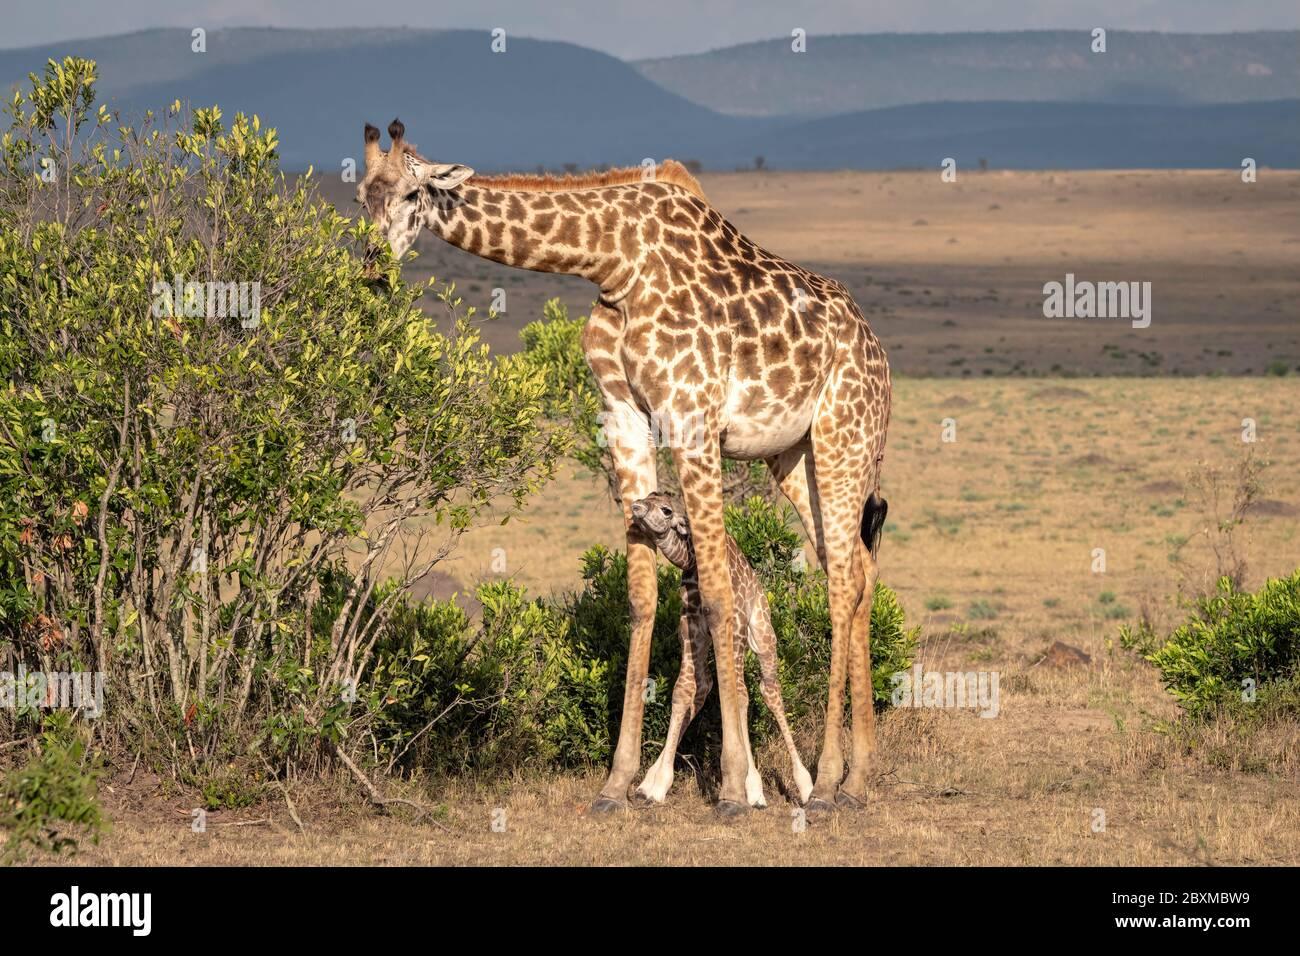 Une girafe de nouveau-né se tient entre les jambes de sa mère pour la protection alors qu'elle se nourrit sur les feuilles d'un Bush. Photo prise à Masai Mara, Kenya. Banque D'Images